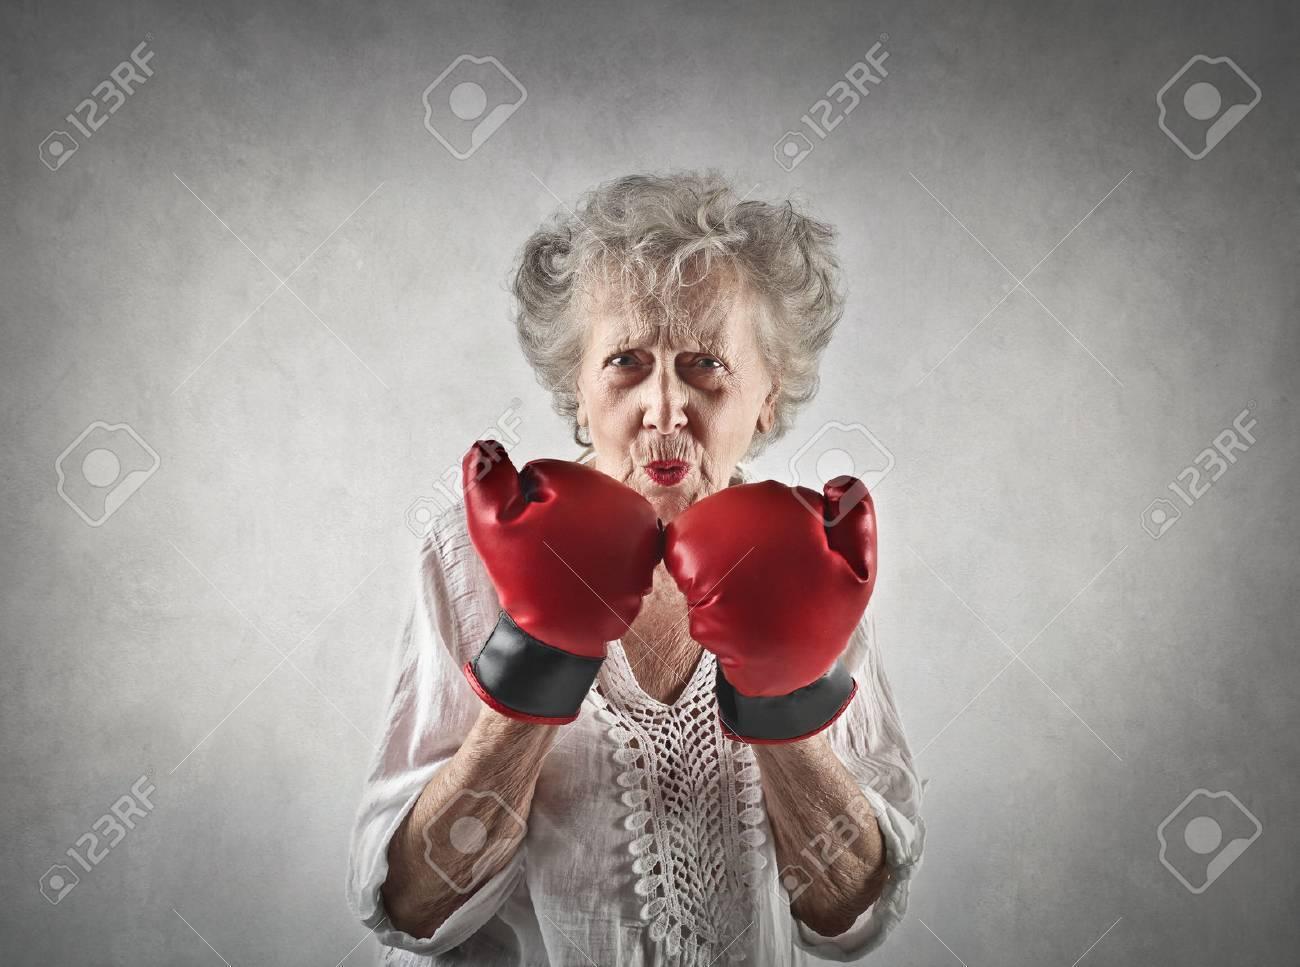 Elderly fighter - 64977012